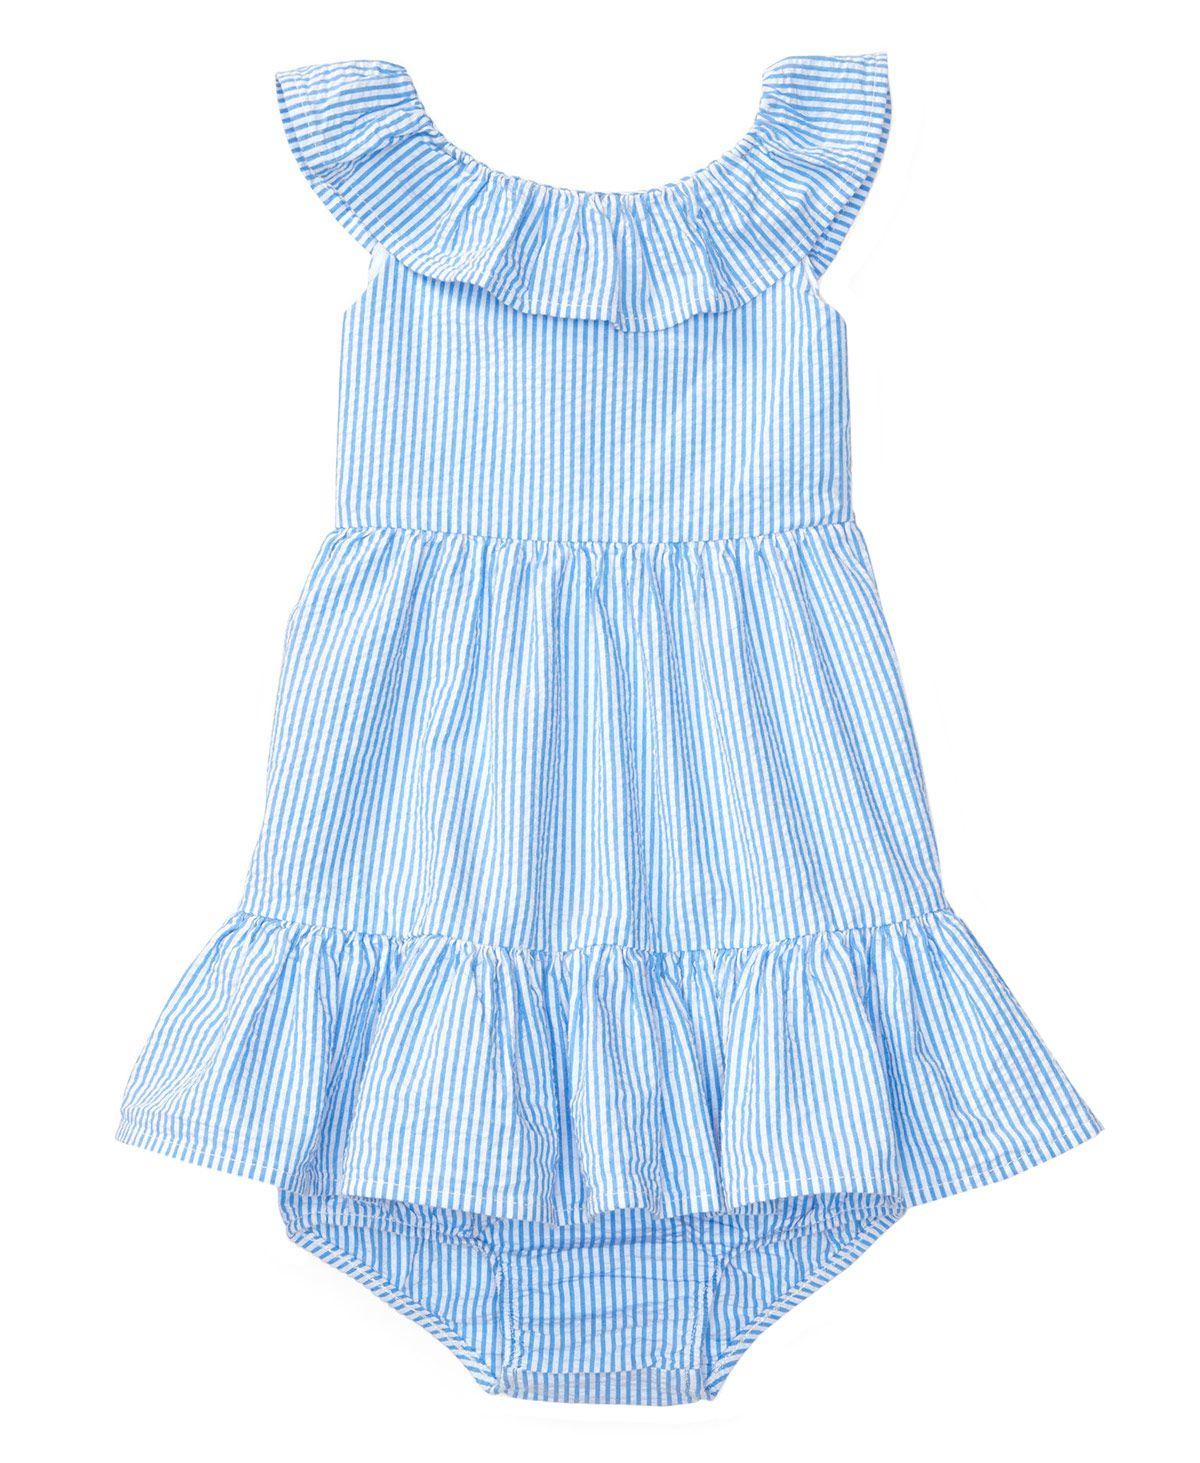 3143f6680a Vestido Bebe Niña POLO RALPH LAUREN Azul Rayas y Volantes